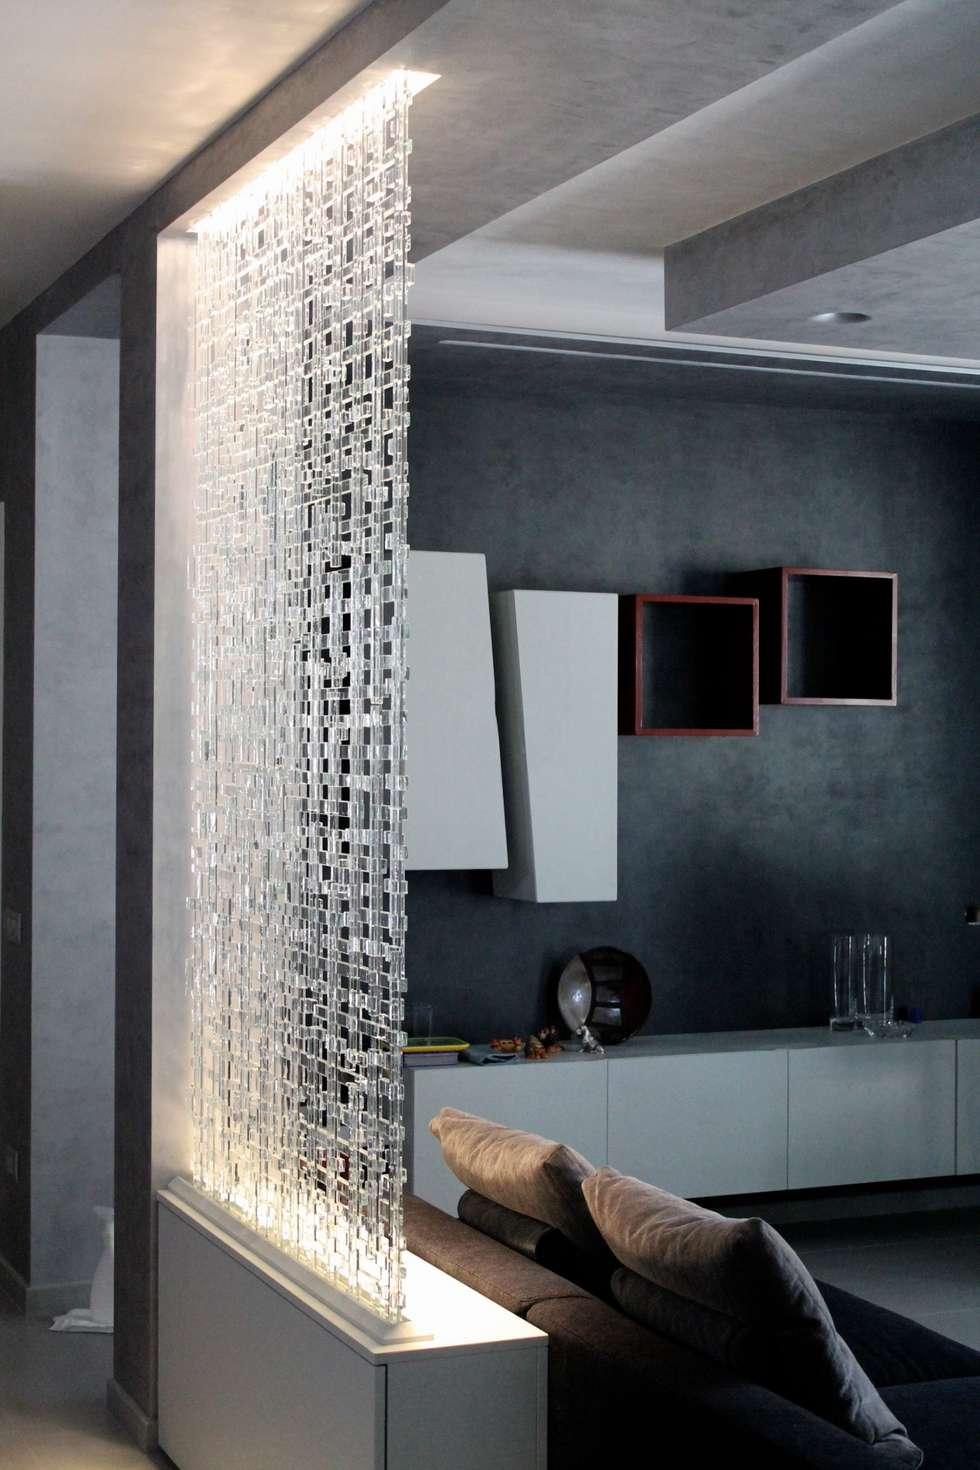 Idee arredamento casa interior design homify - La finestra di fronte trama ...